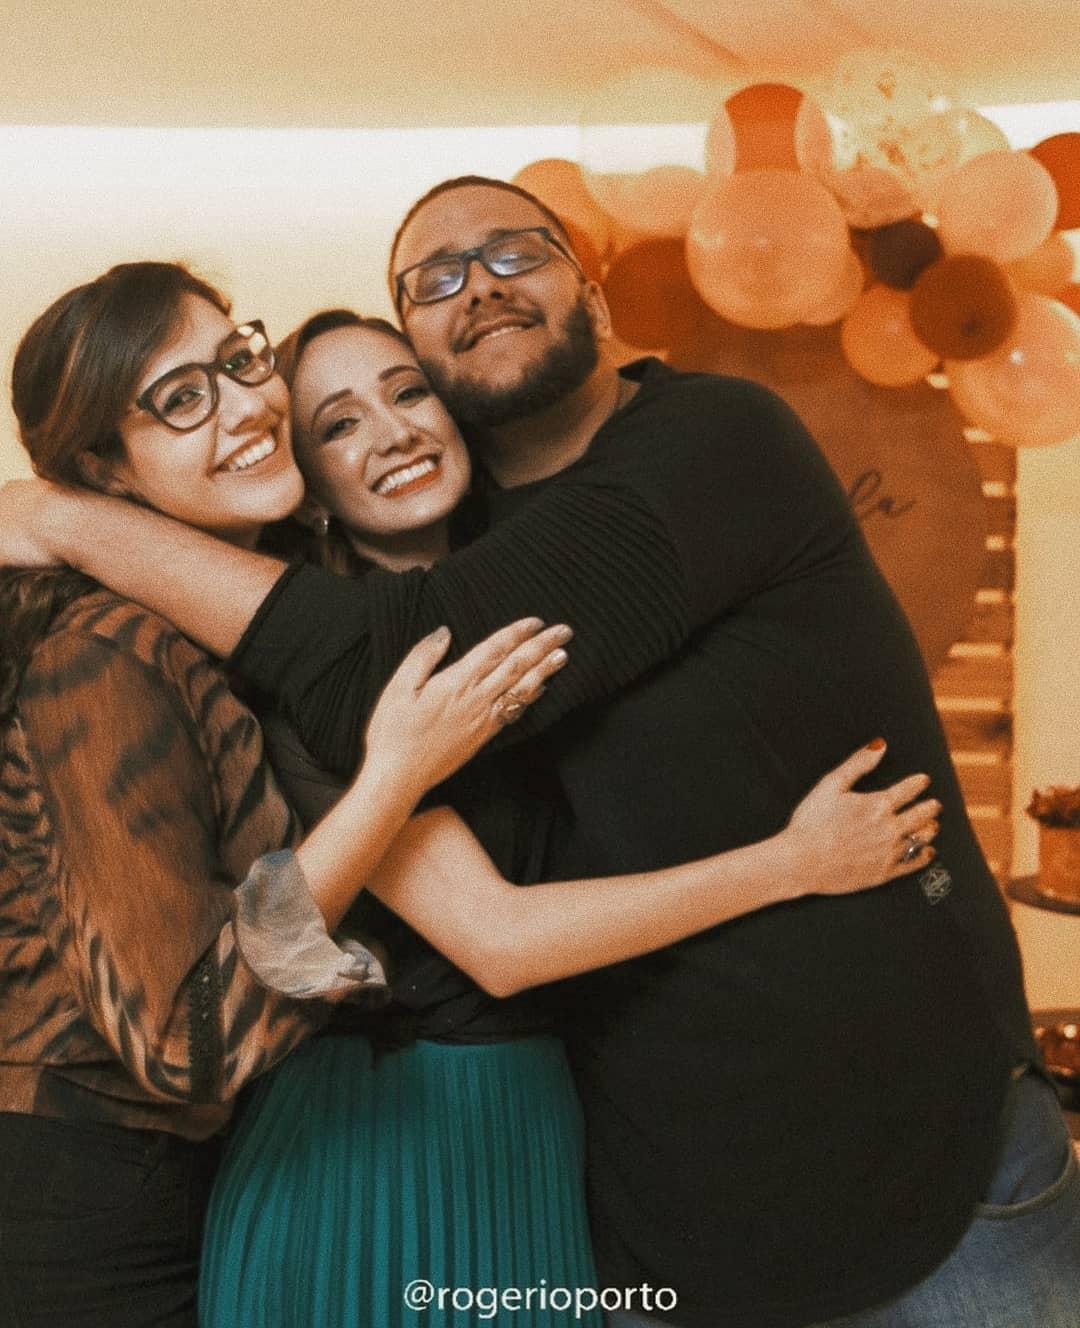 menino com leucemia recebe surpresa de irmãs